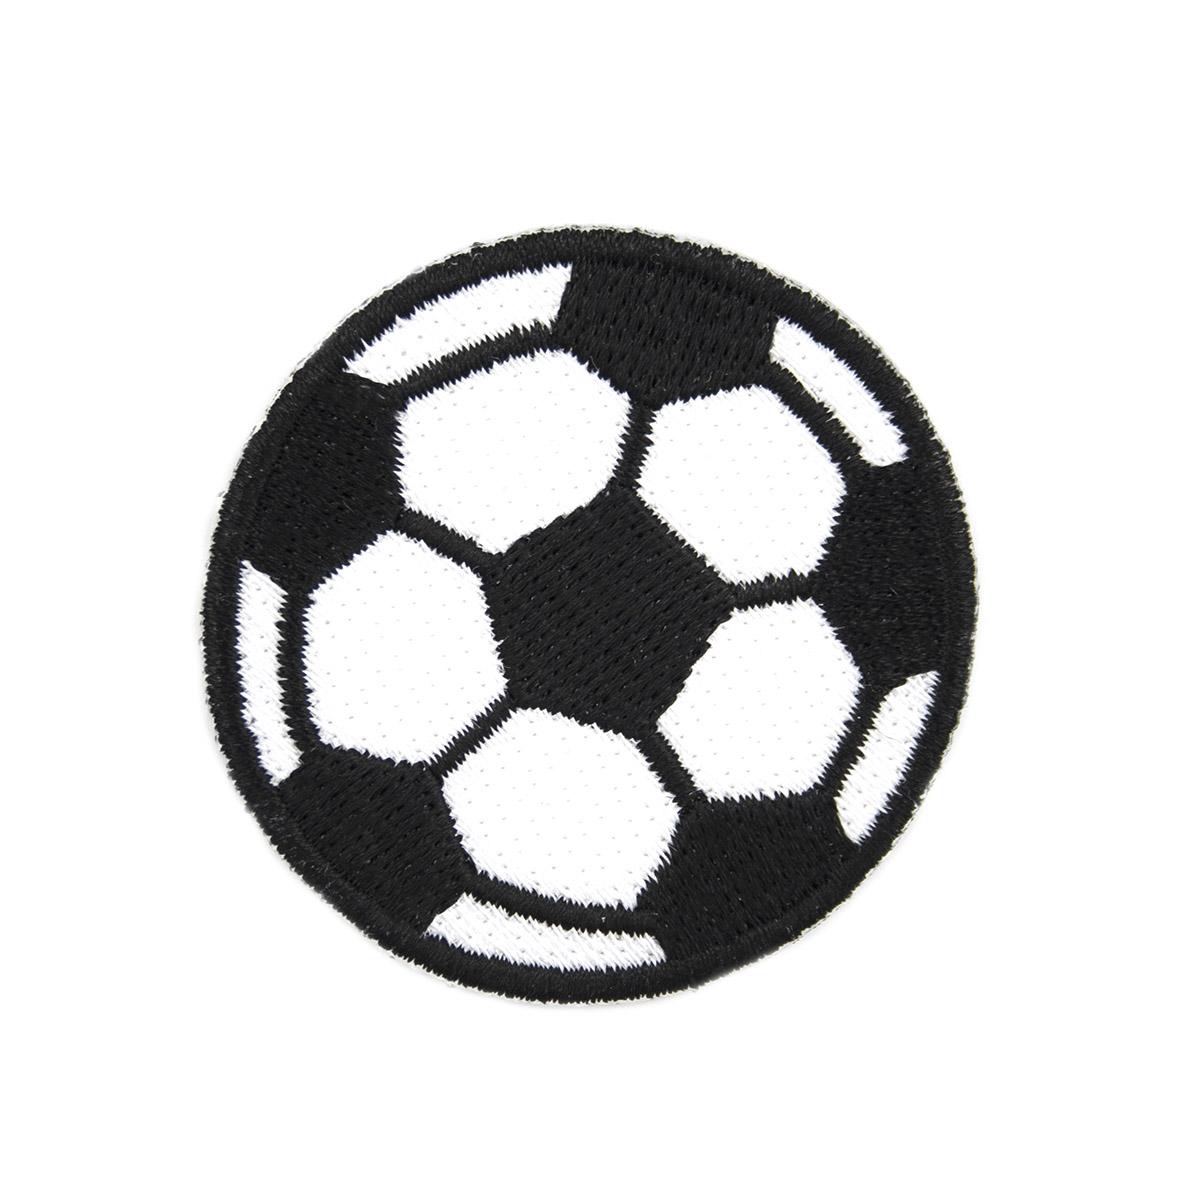 AD1230 Термоаппликация 'Футбольный мяч', d 5 см, Hobby&Pro